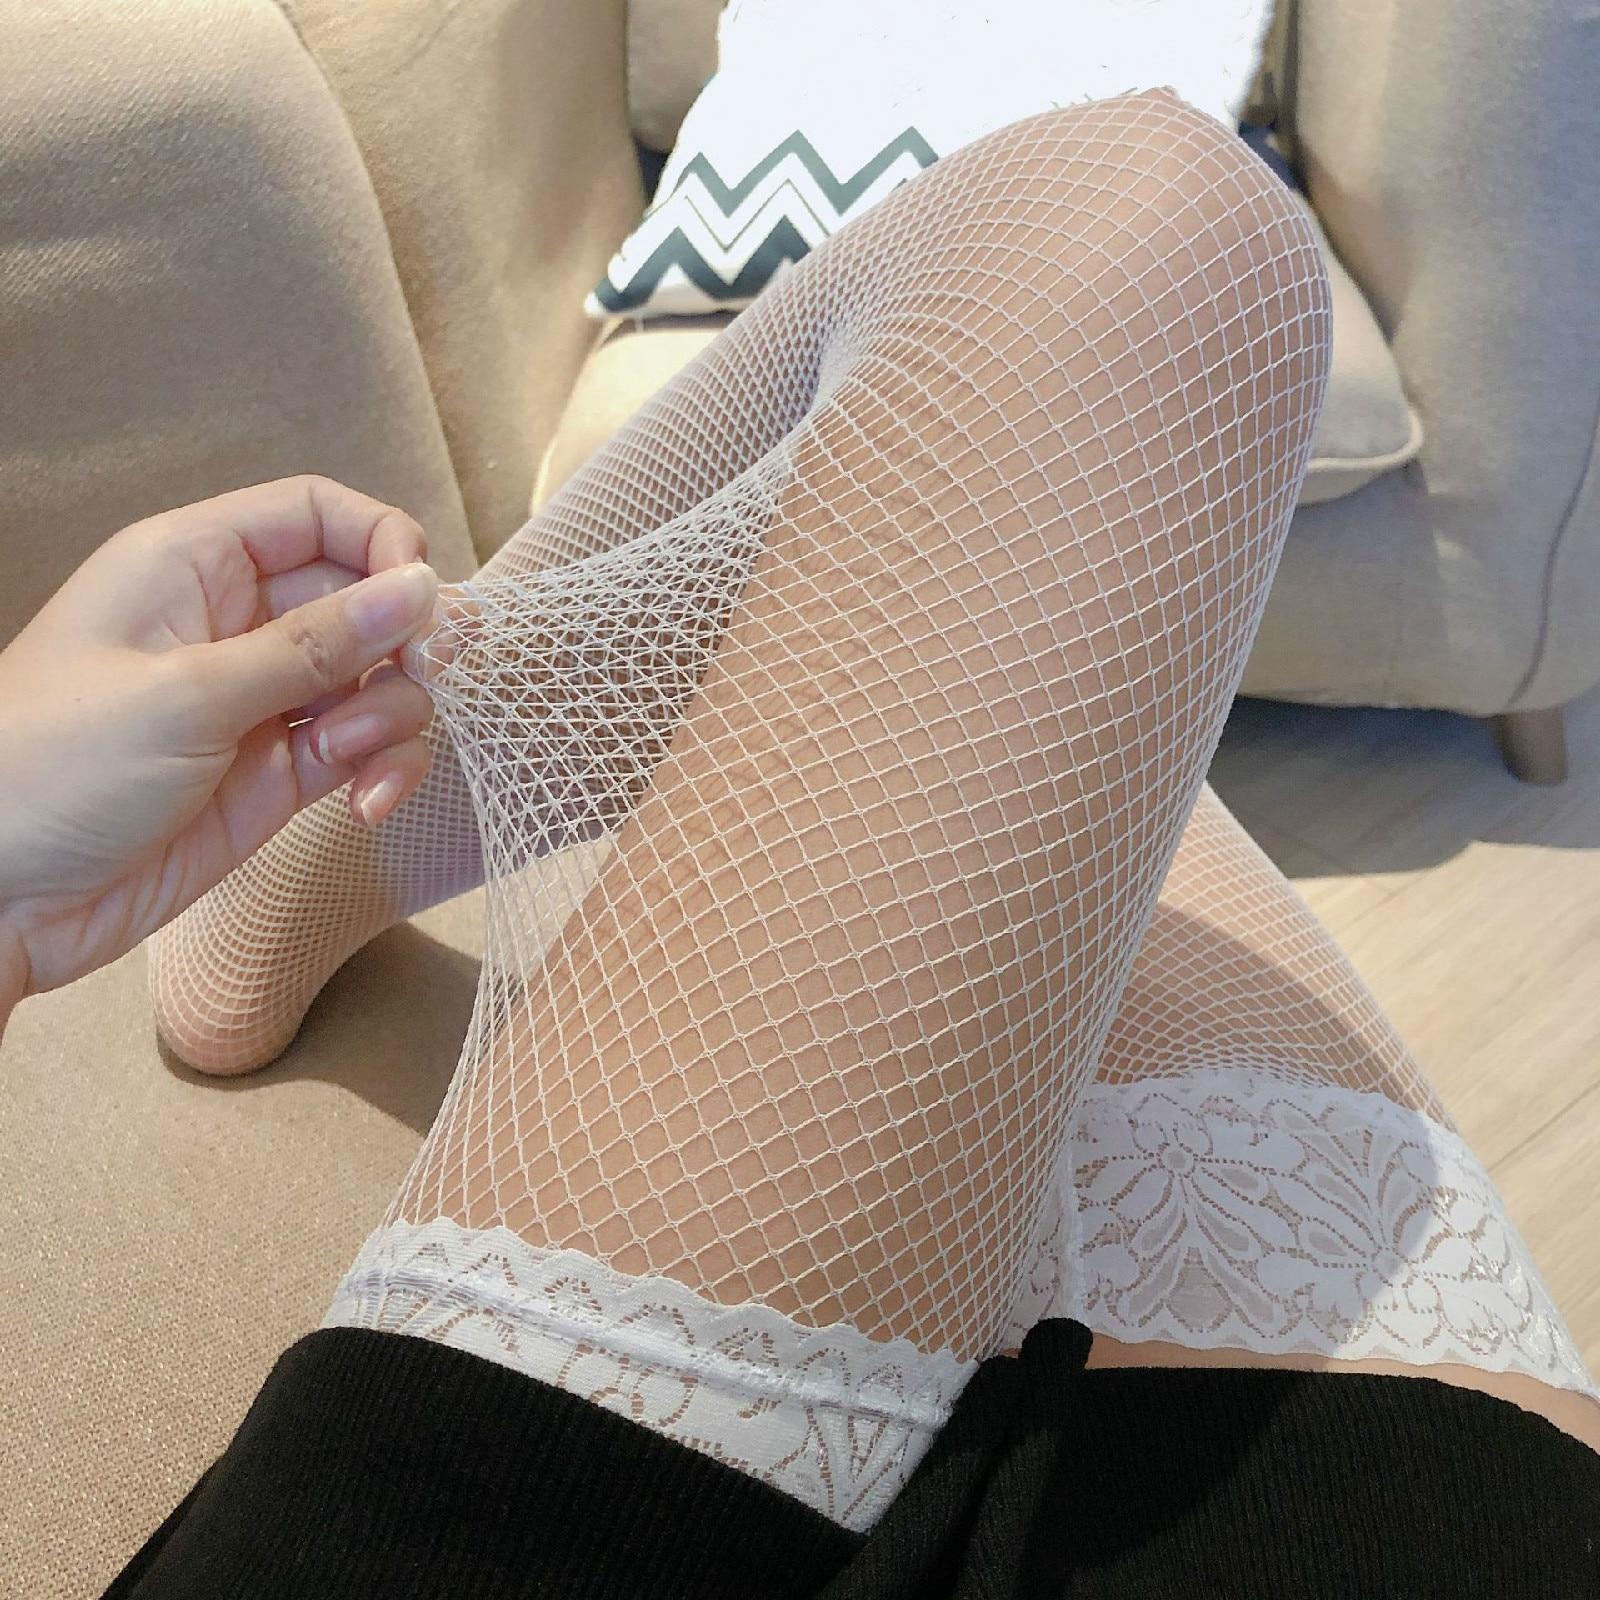 1 par branco meias moda feminina mais longo coxa alta meia pequena malha médica meias adulto mulher senhora presente da esposa nova chegada